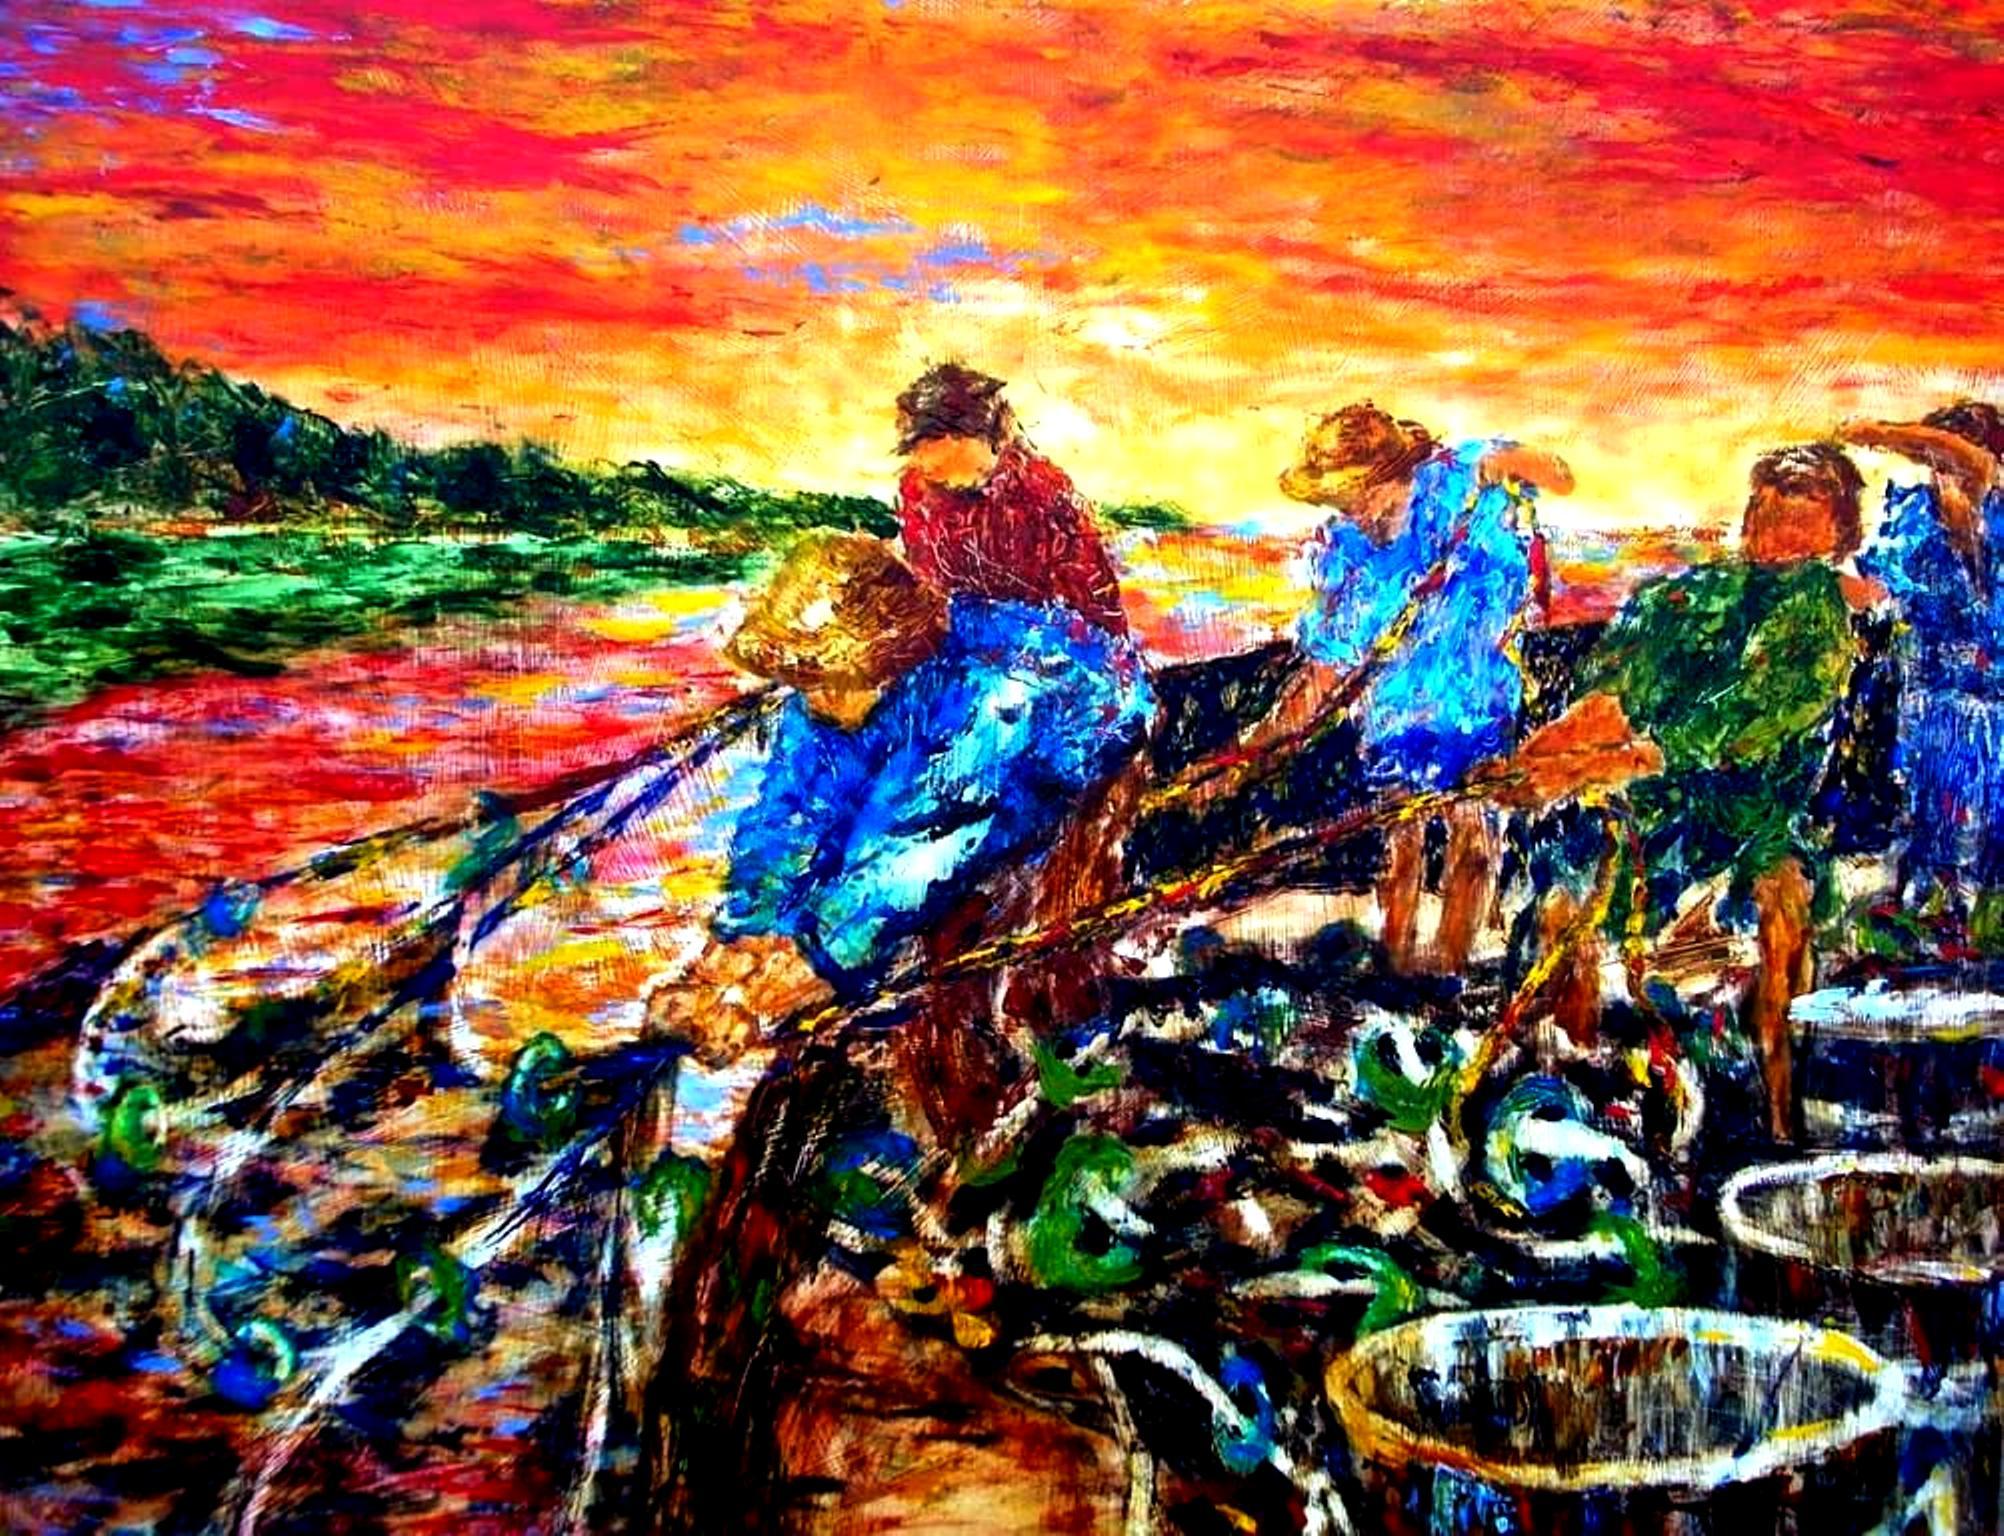 ZAPP - Juntos se Puede, Acrylic on wood 48x36.jpg